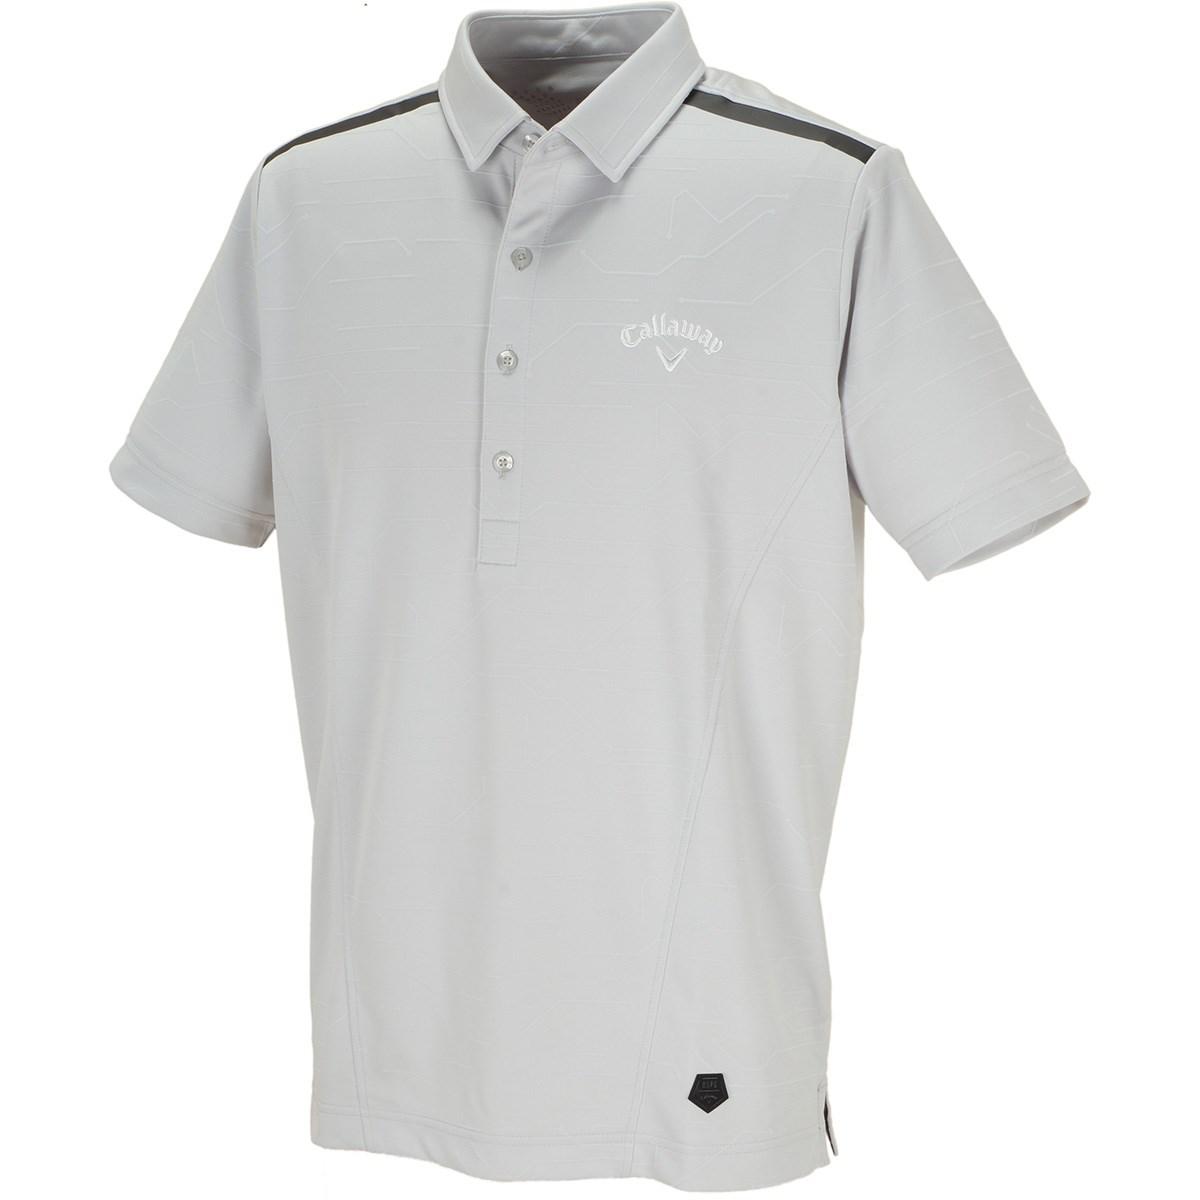 キャロウェイゴルフ(Callaway Golf) AI柄 ジャカード 半袖ポロシャツ